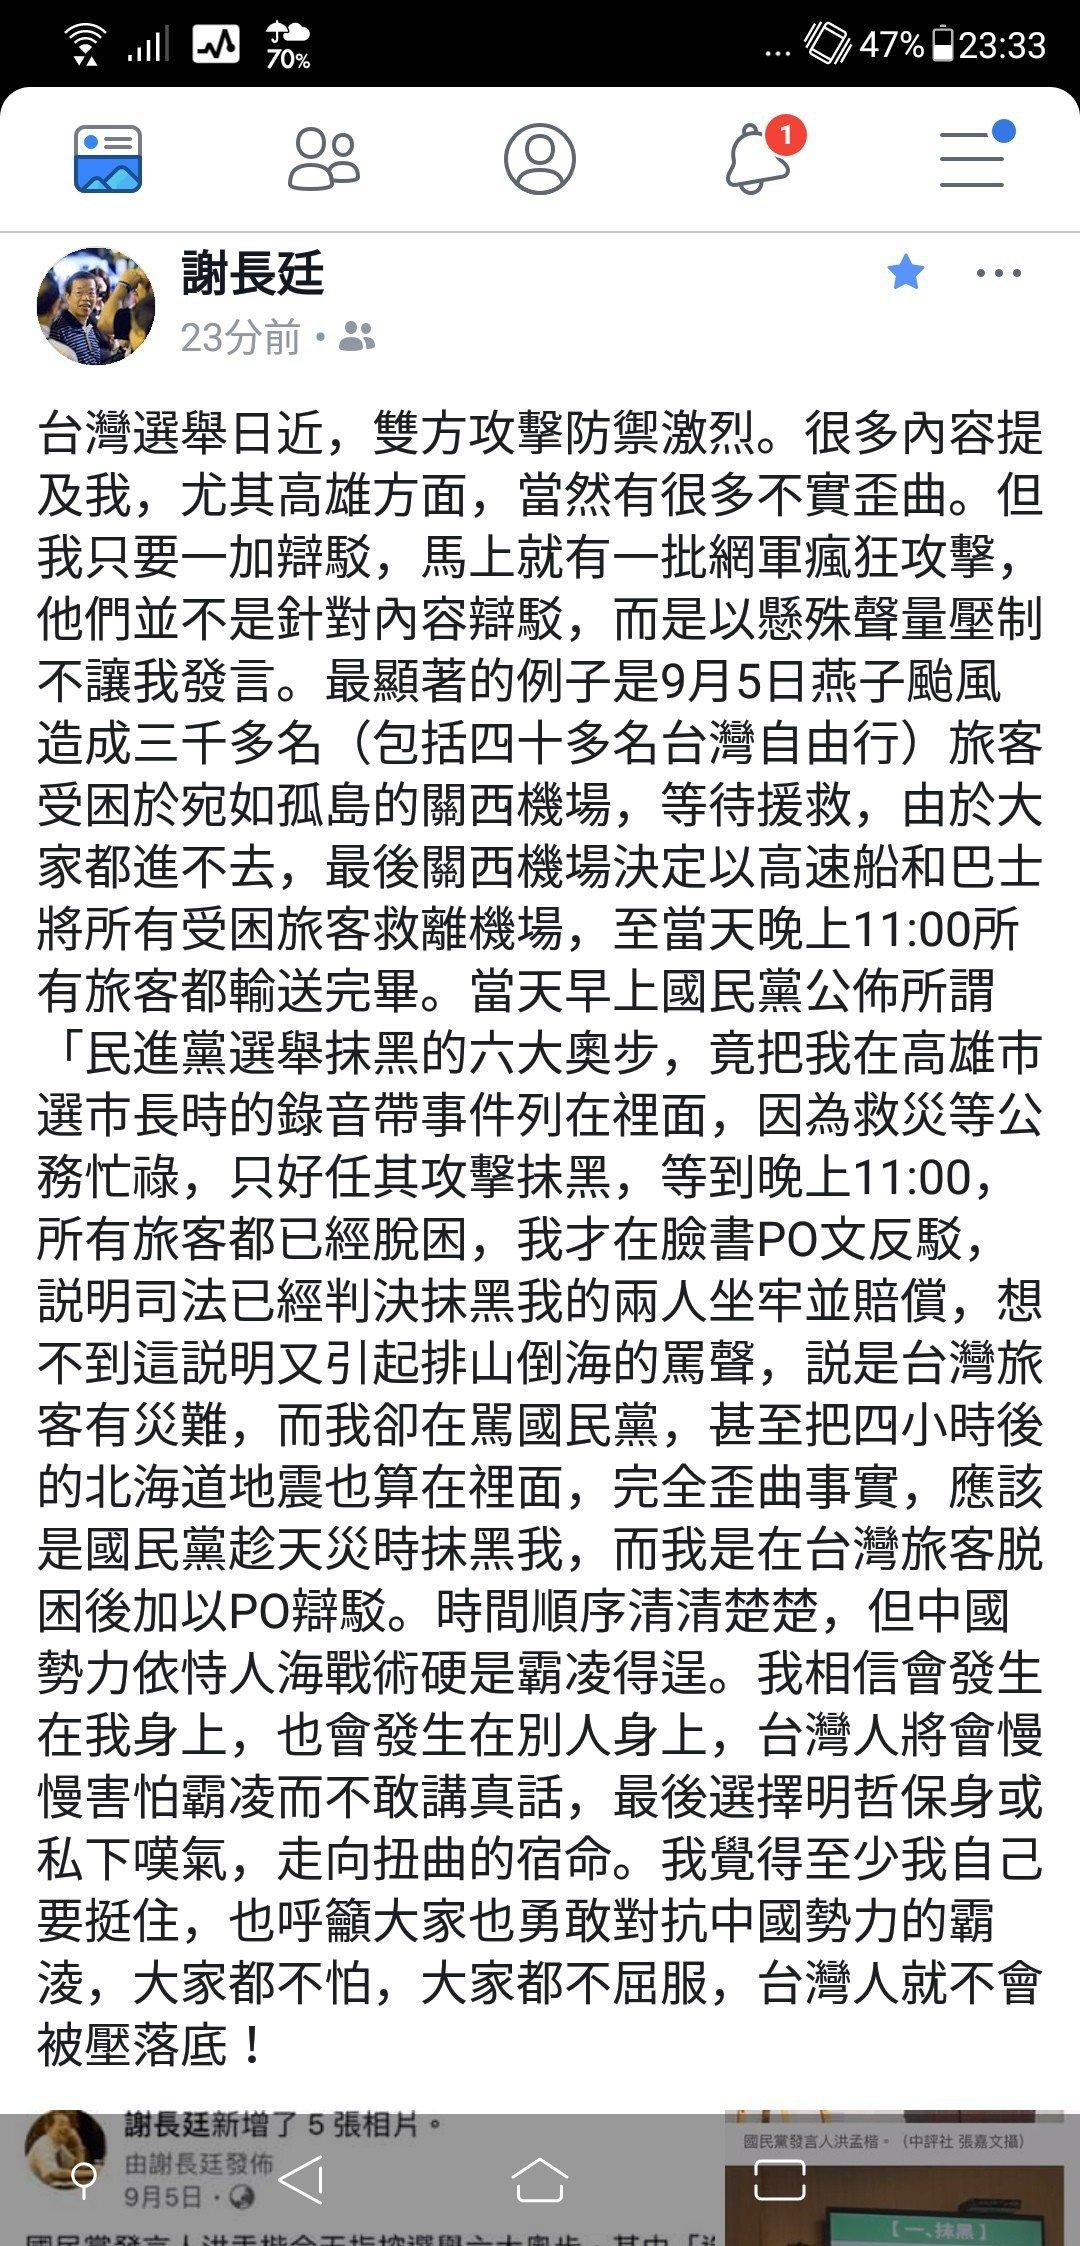 駐日代表謝長廷在臉書貼文,選舉將至很多選戰攻防提到他內容多有不實,但他反駁就遭到...